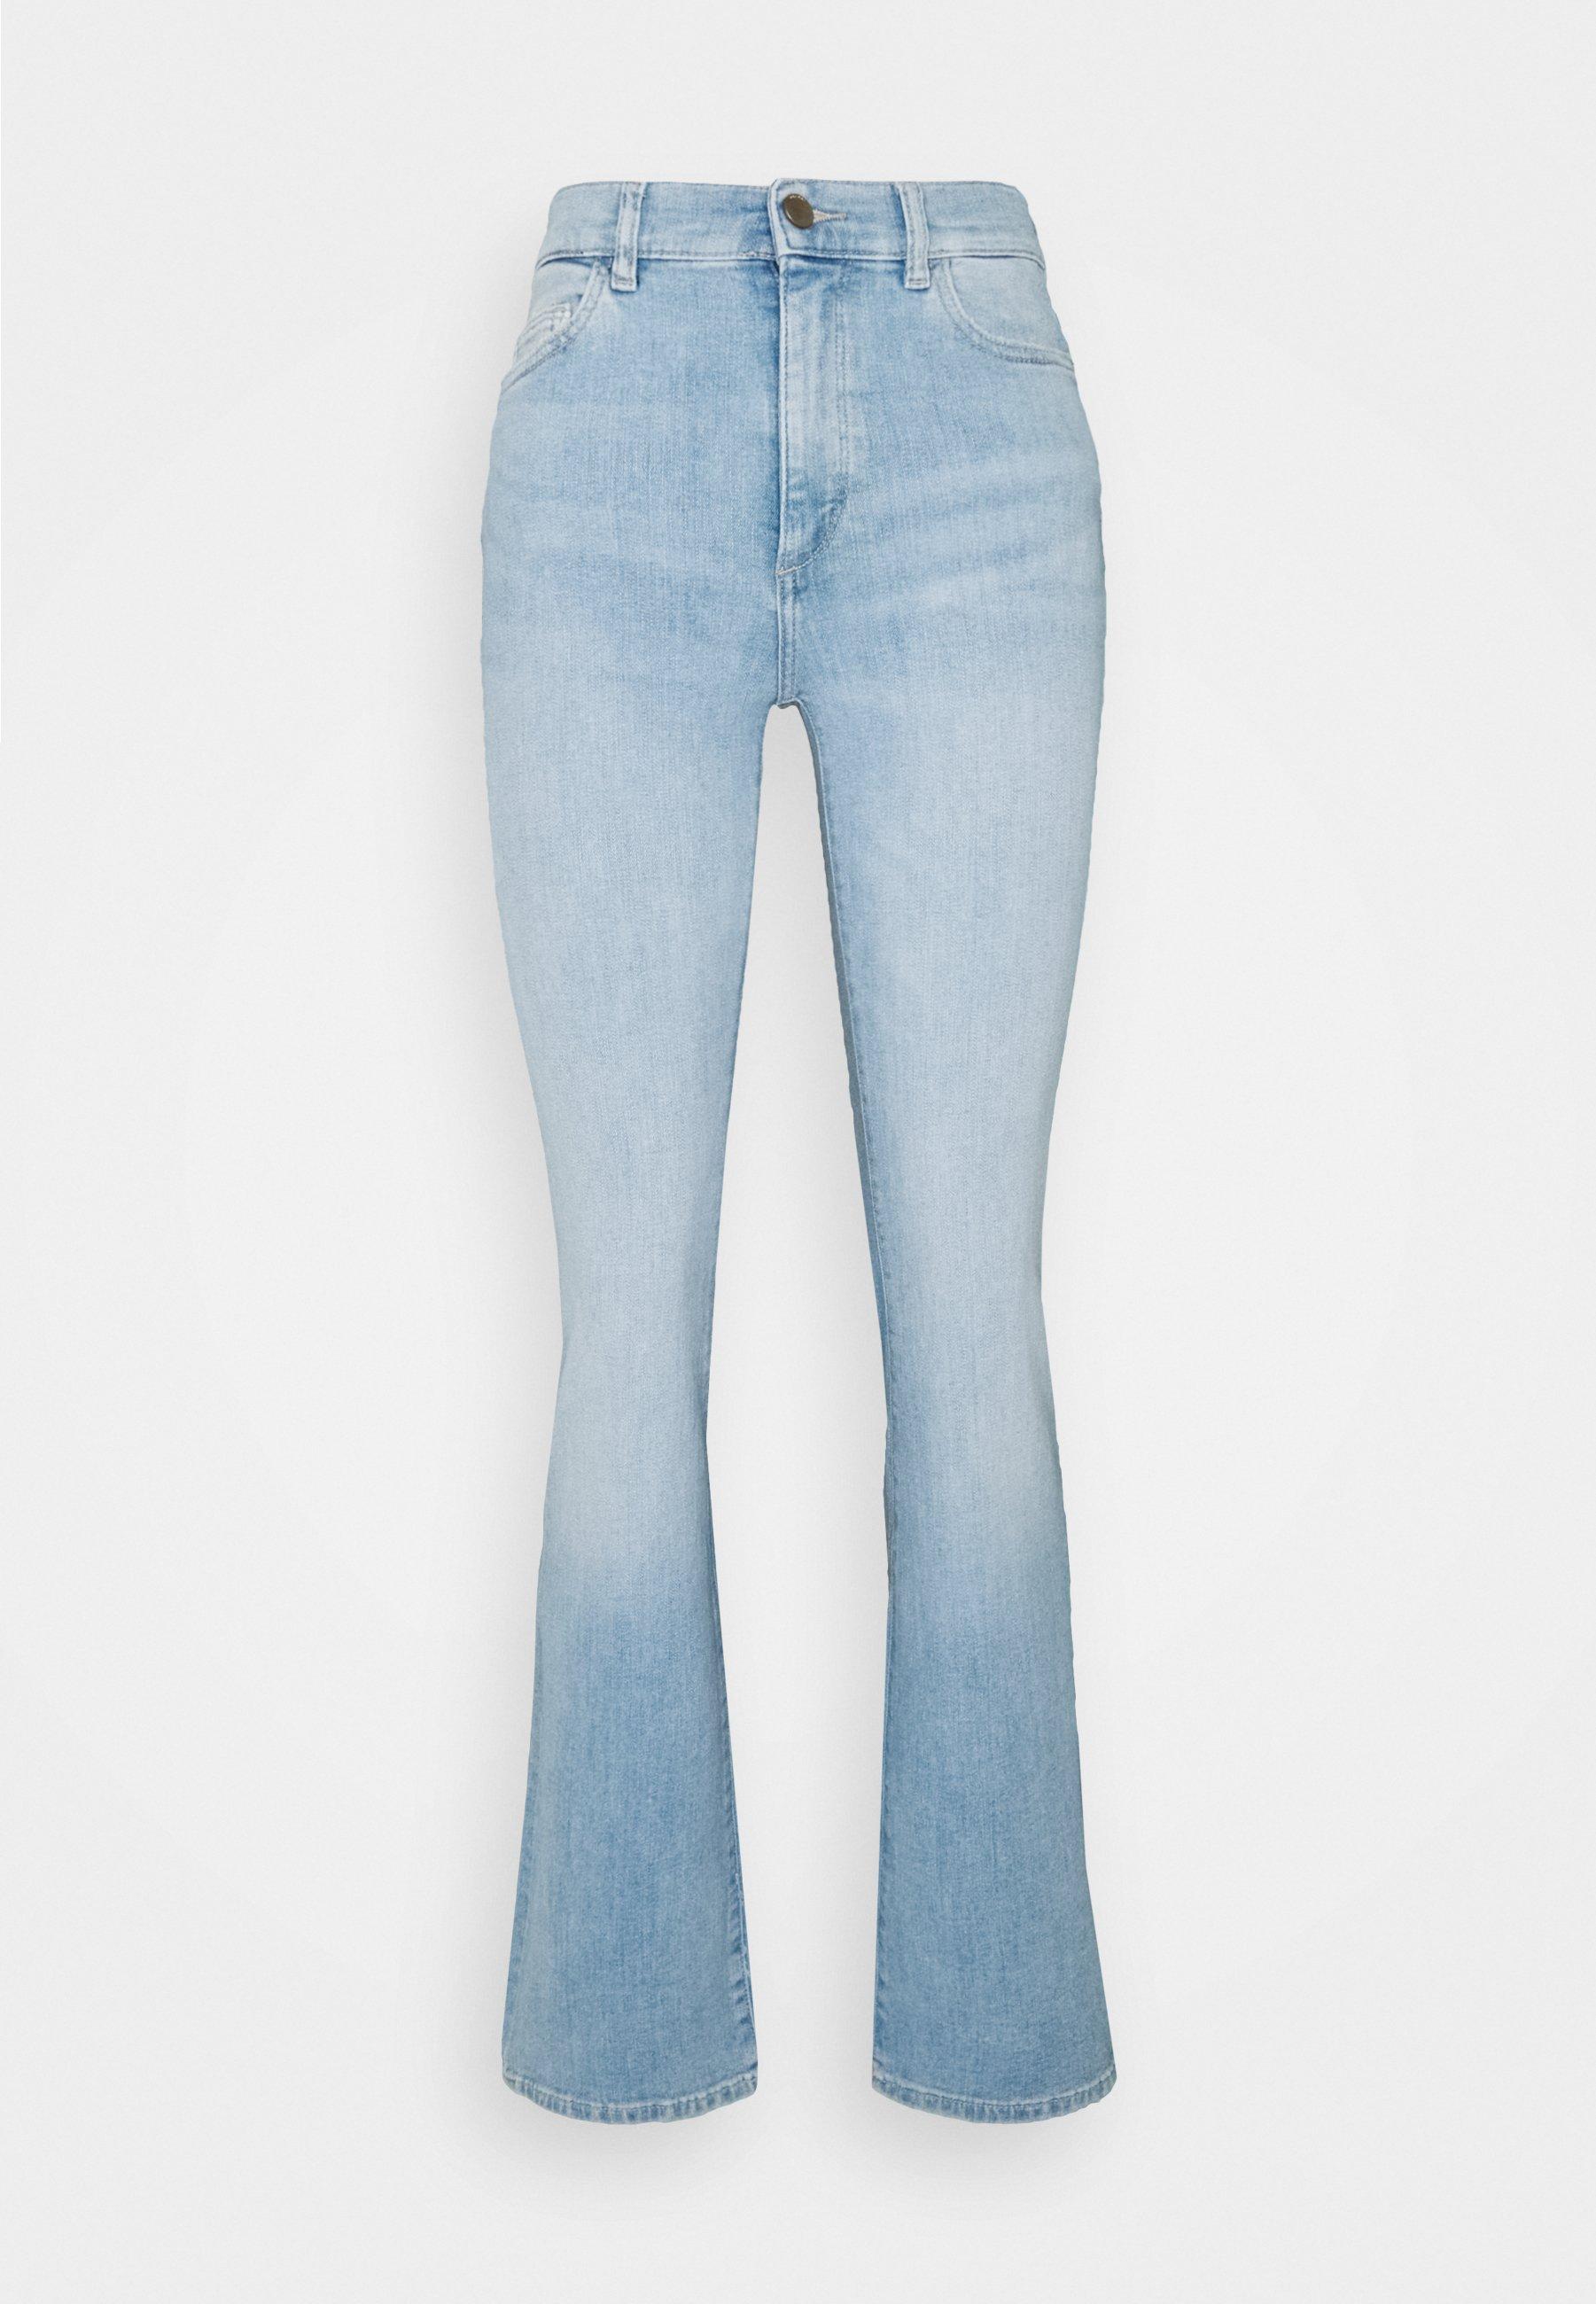 Women BRIDGET BOOT HIGH RISE INSTASCULPT - Bootcut jeans